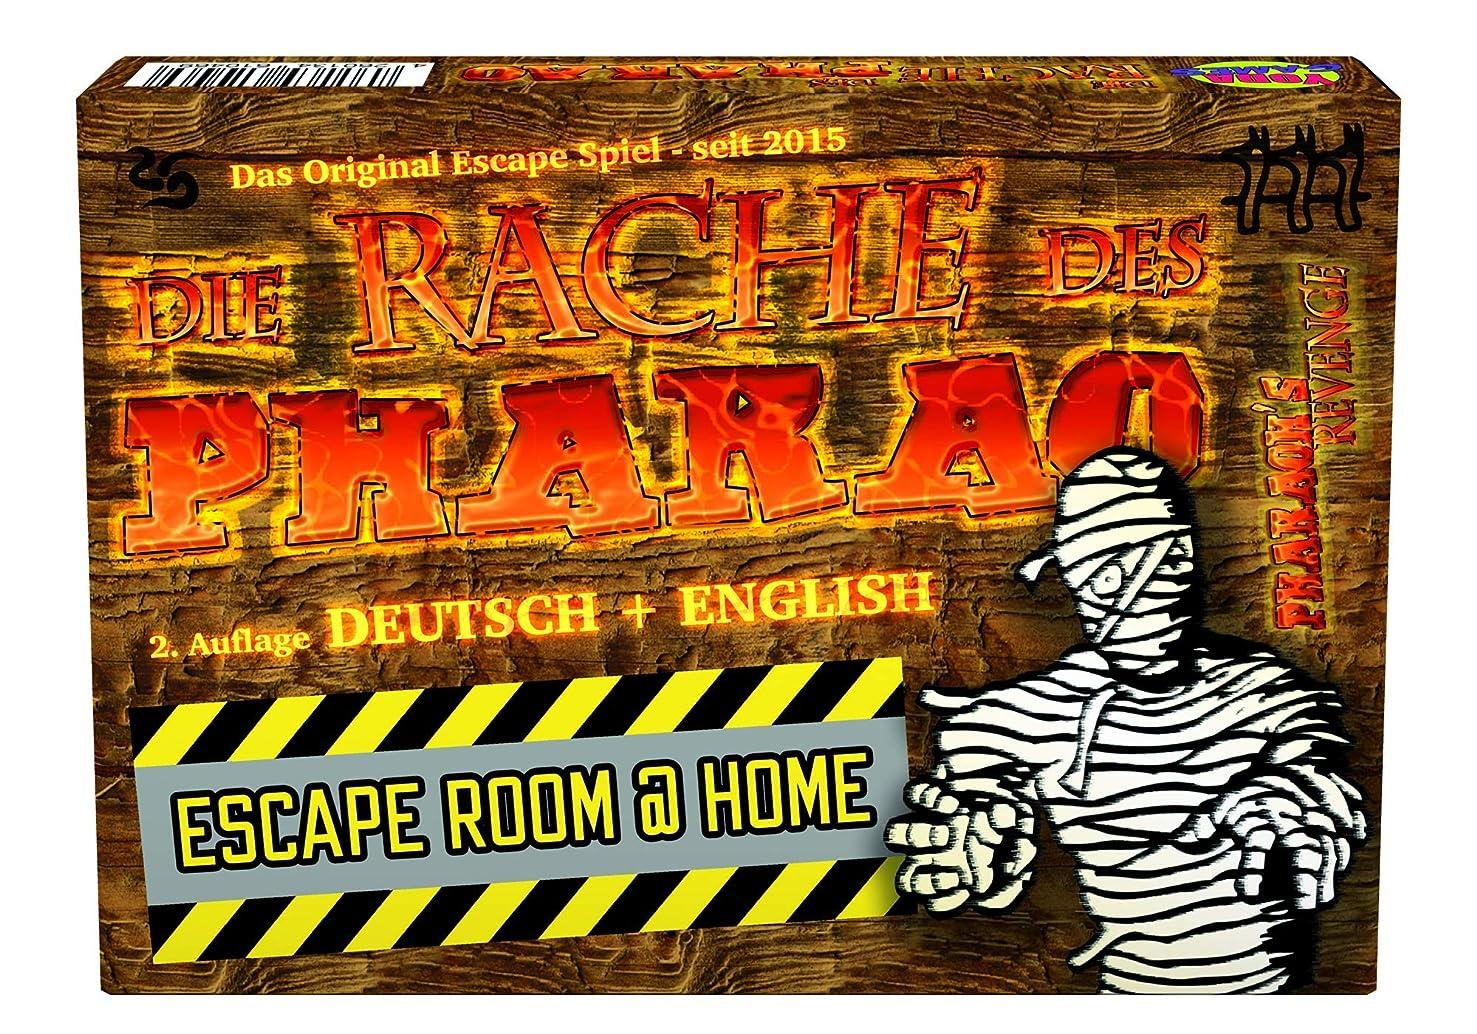 Pharaoh's Revenge Escape Room @ Home